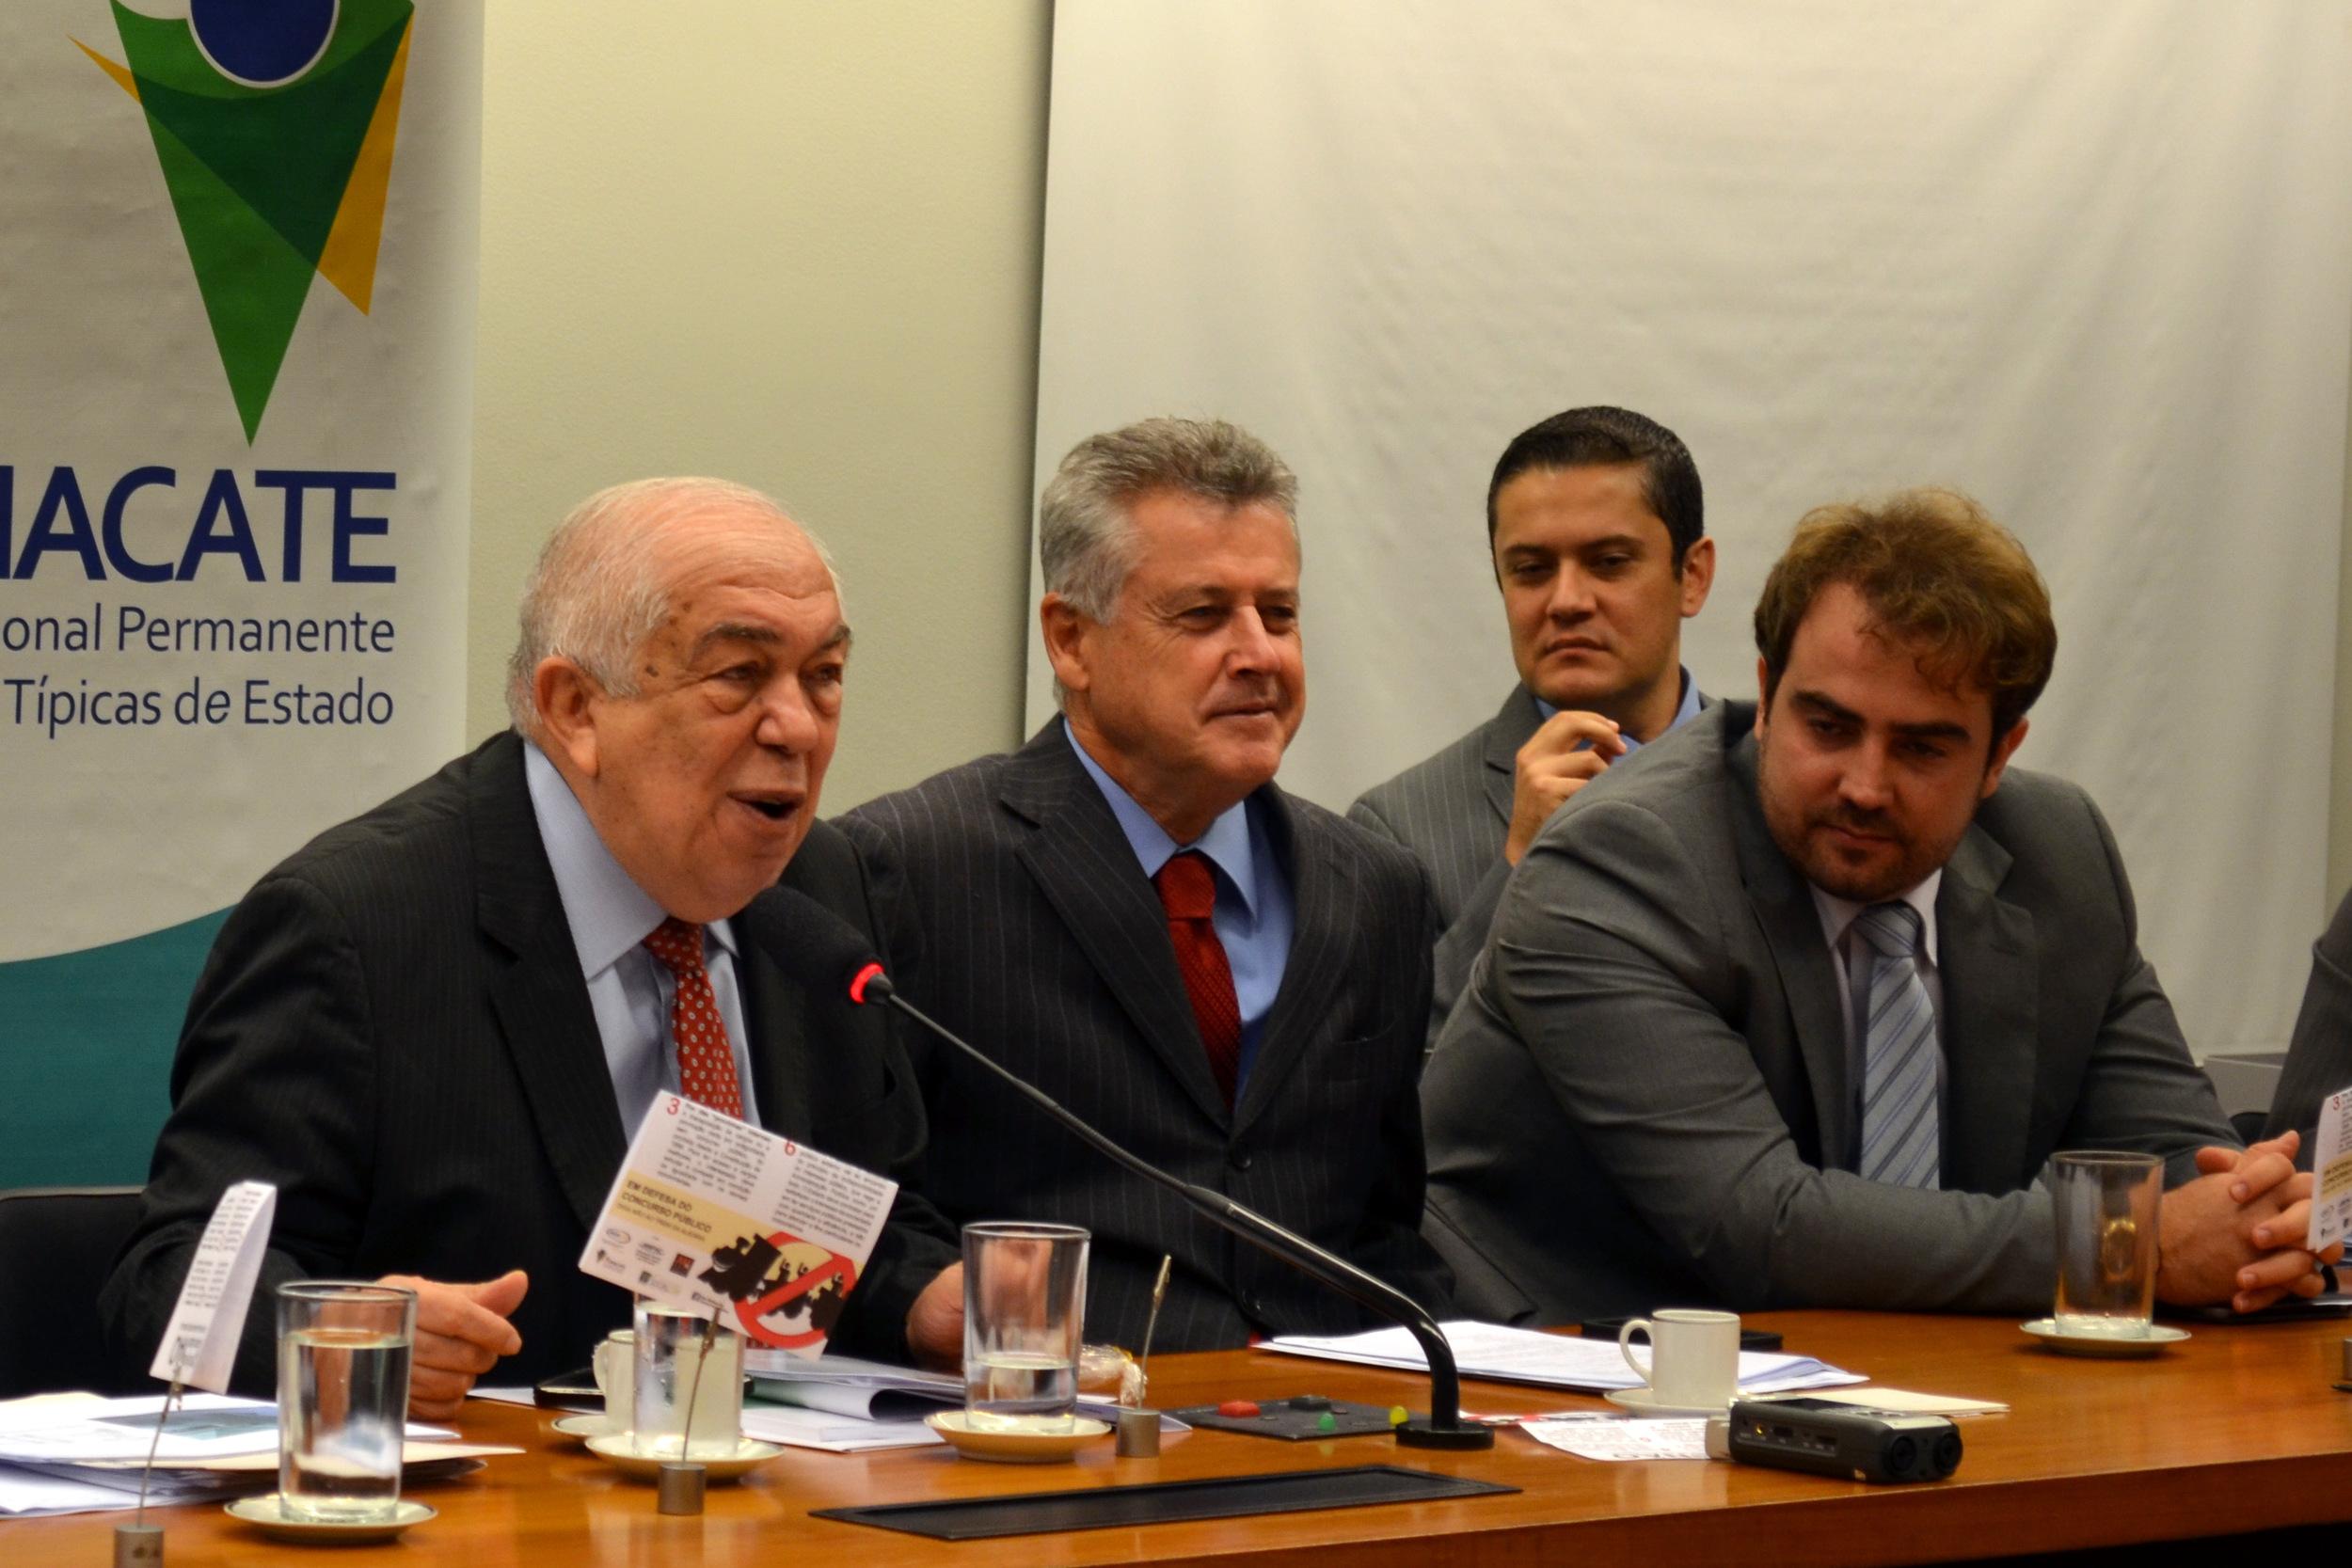 Deputado Paes Landim (E) é o relator do projeto na Câmara dos Deputados. Foto: Filipe Calmon/ANESP